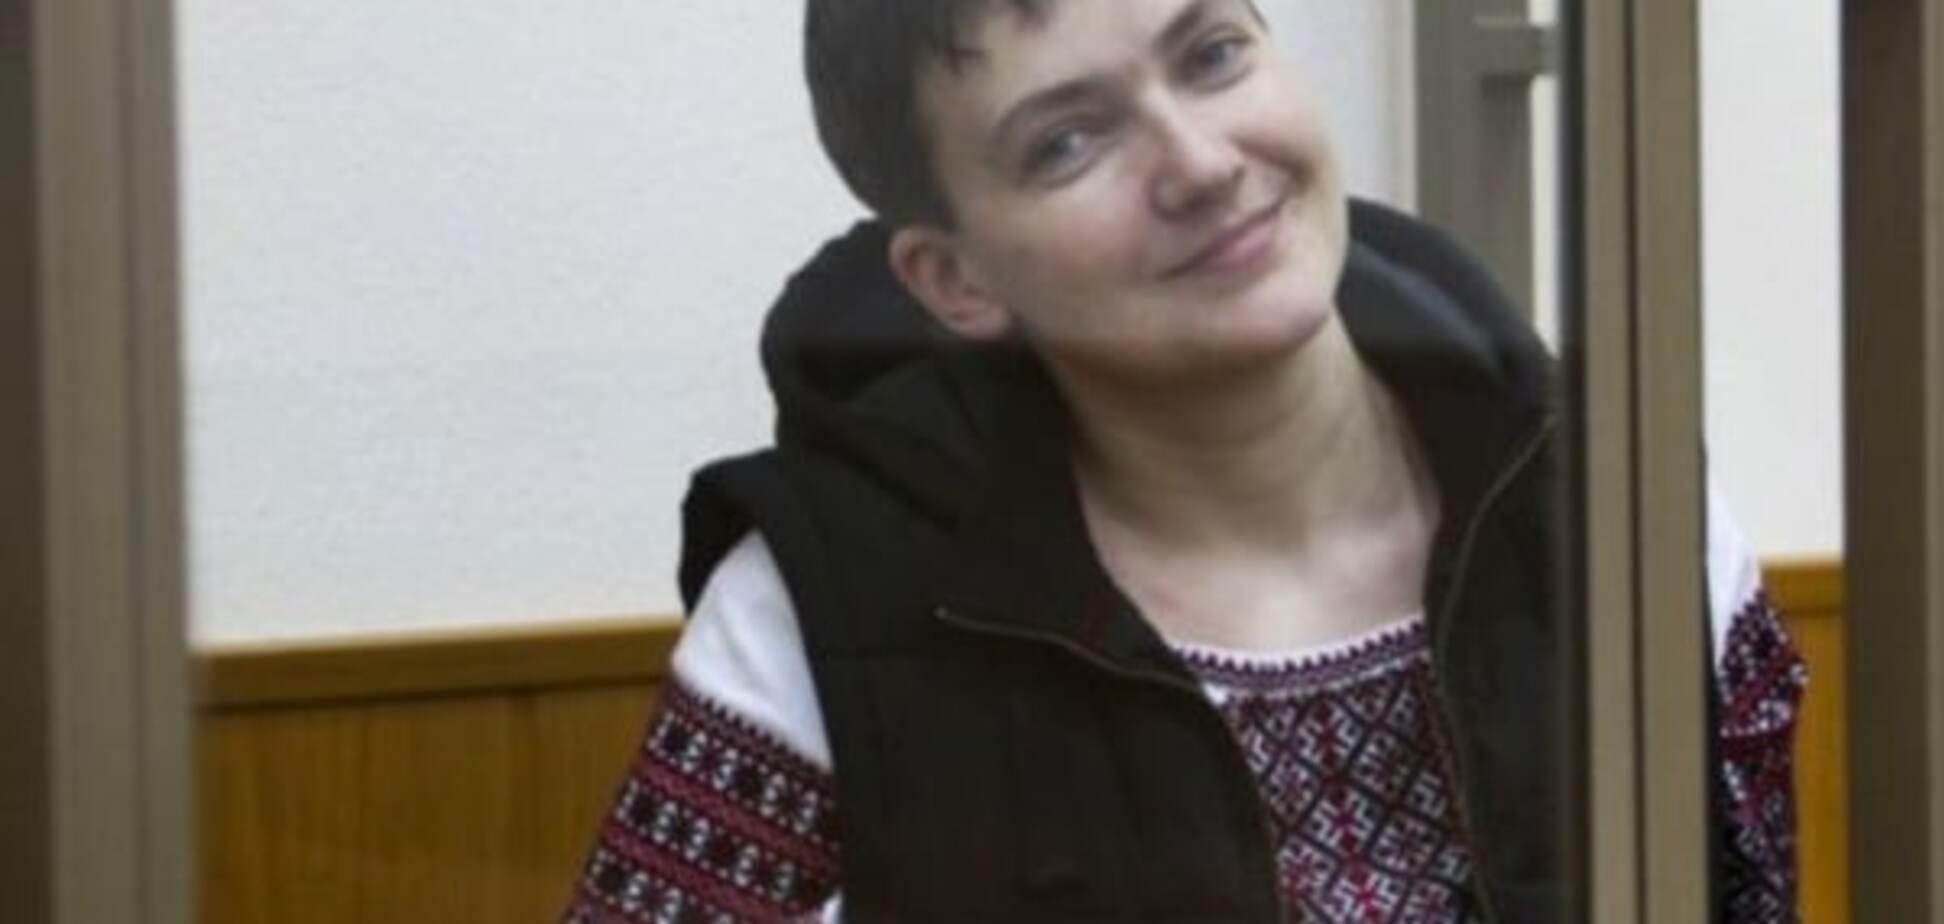 Україна гробить Савченко: Гавриш розповів, чому не відкрито справу за викрадення офіцера